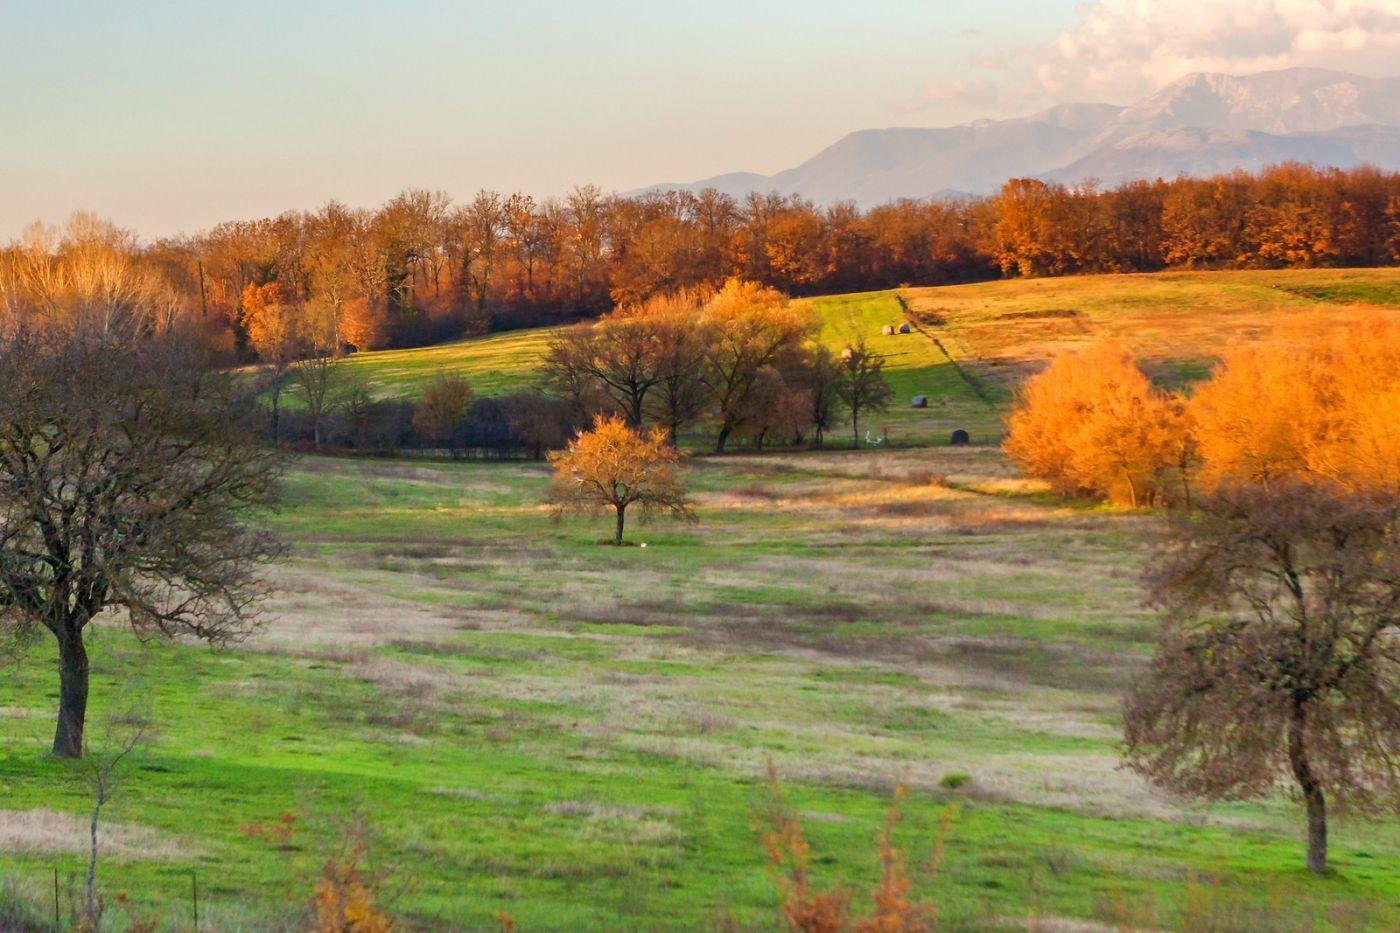 意大利路途,黄昏时的乡村_图1-16